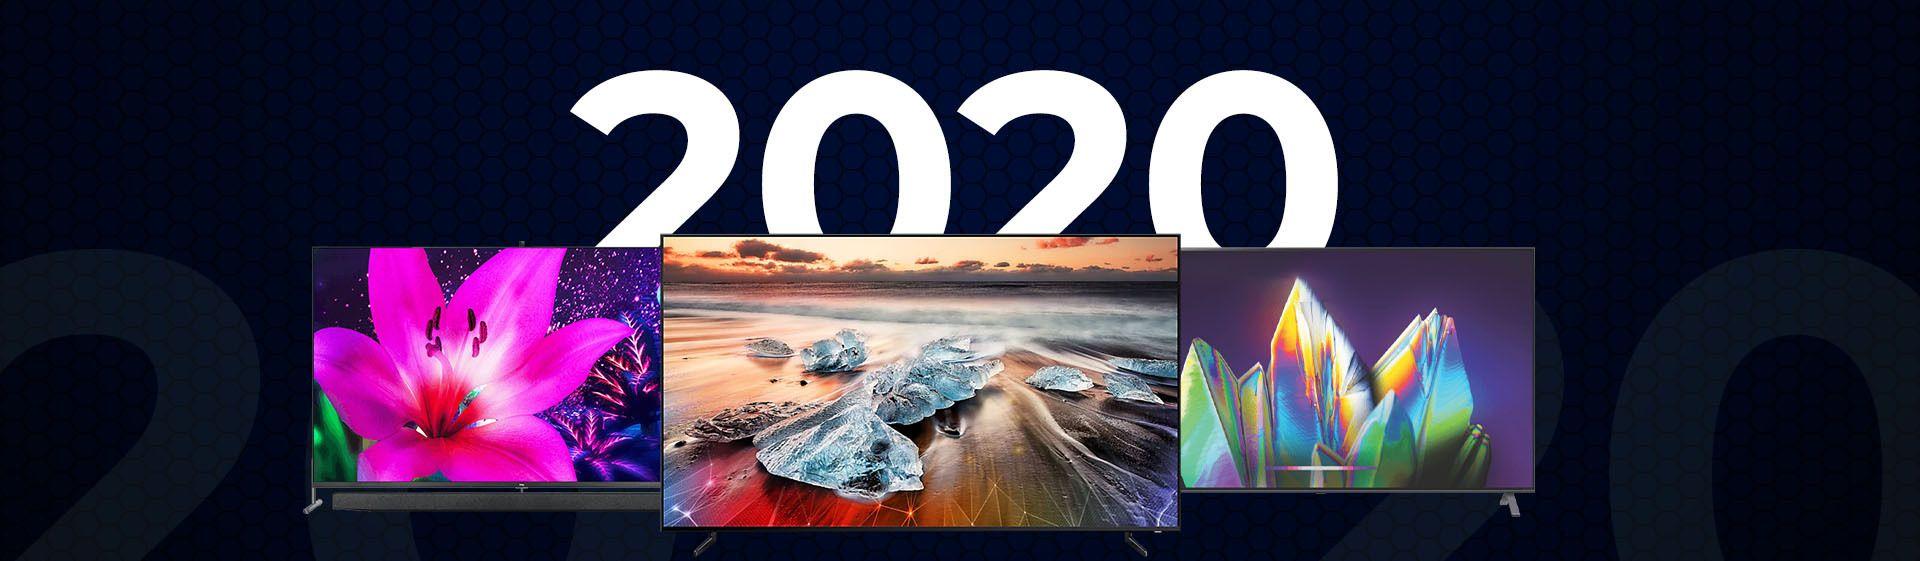 Retrospectiva 2020: veja os melhores lançamentos de TVs do ano